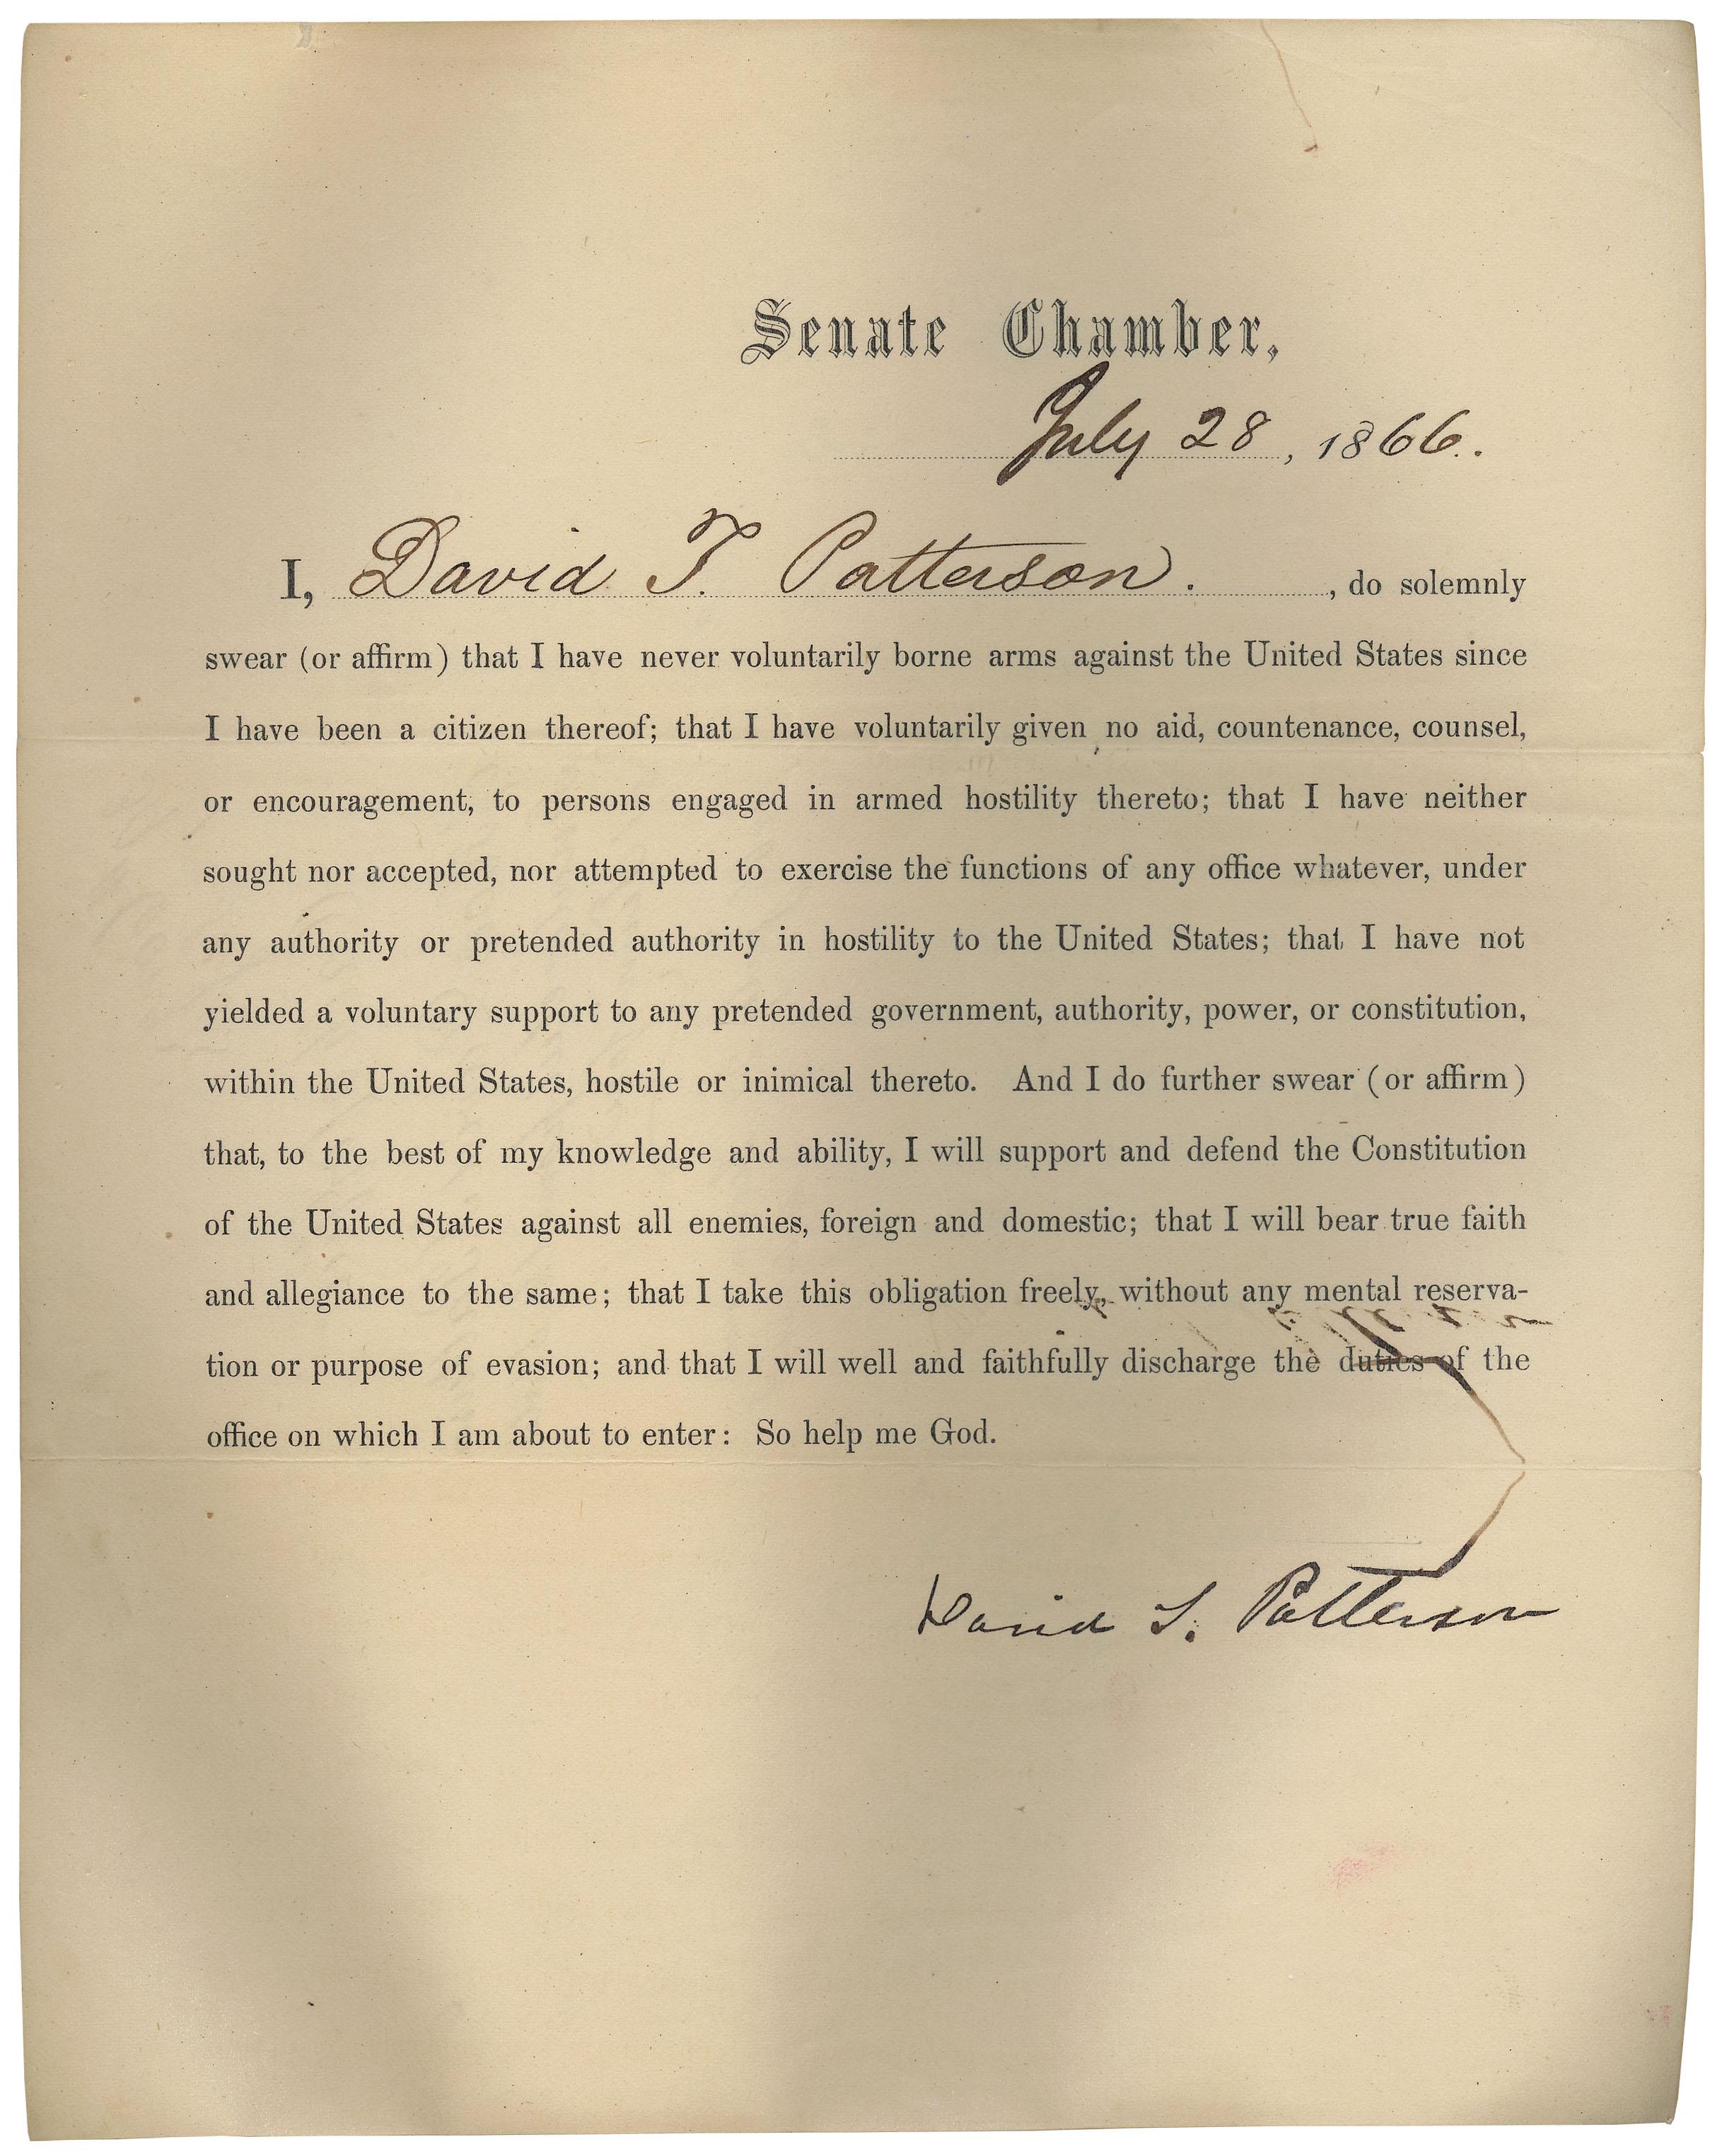 David_Patterson_oath_of_office_7-28-1866